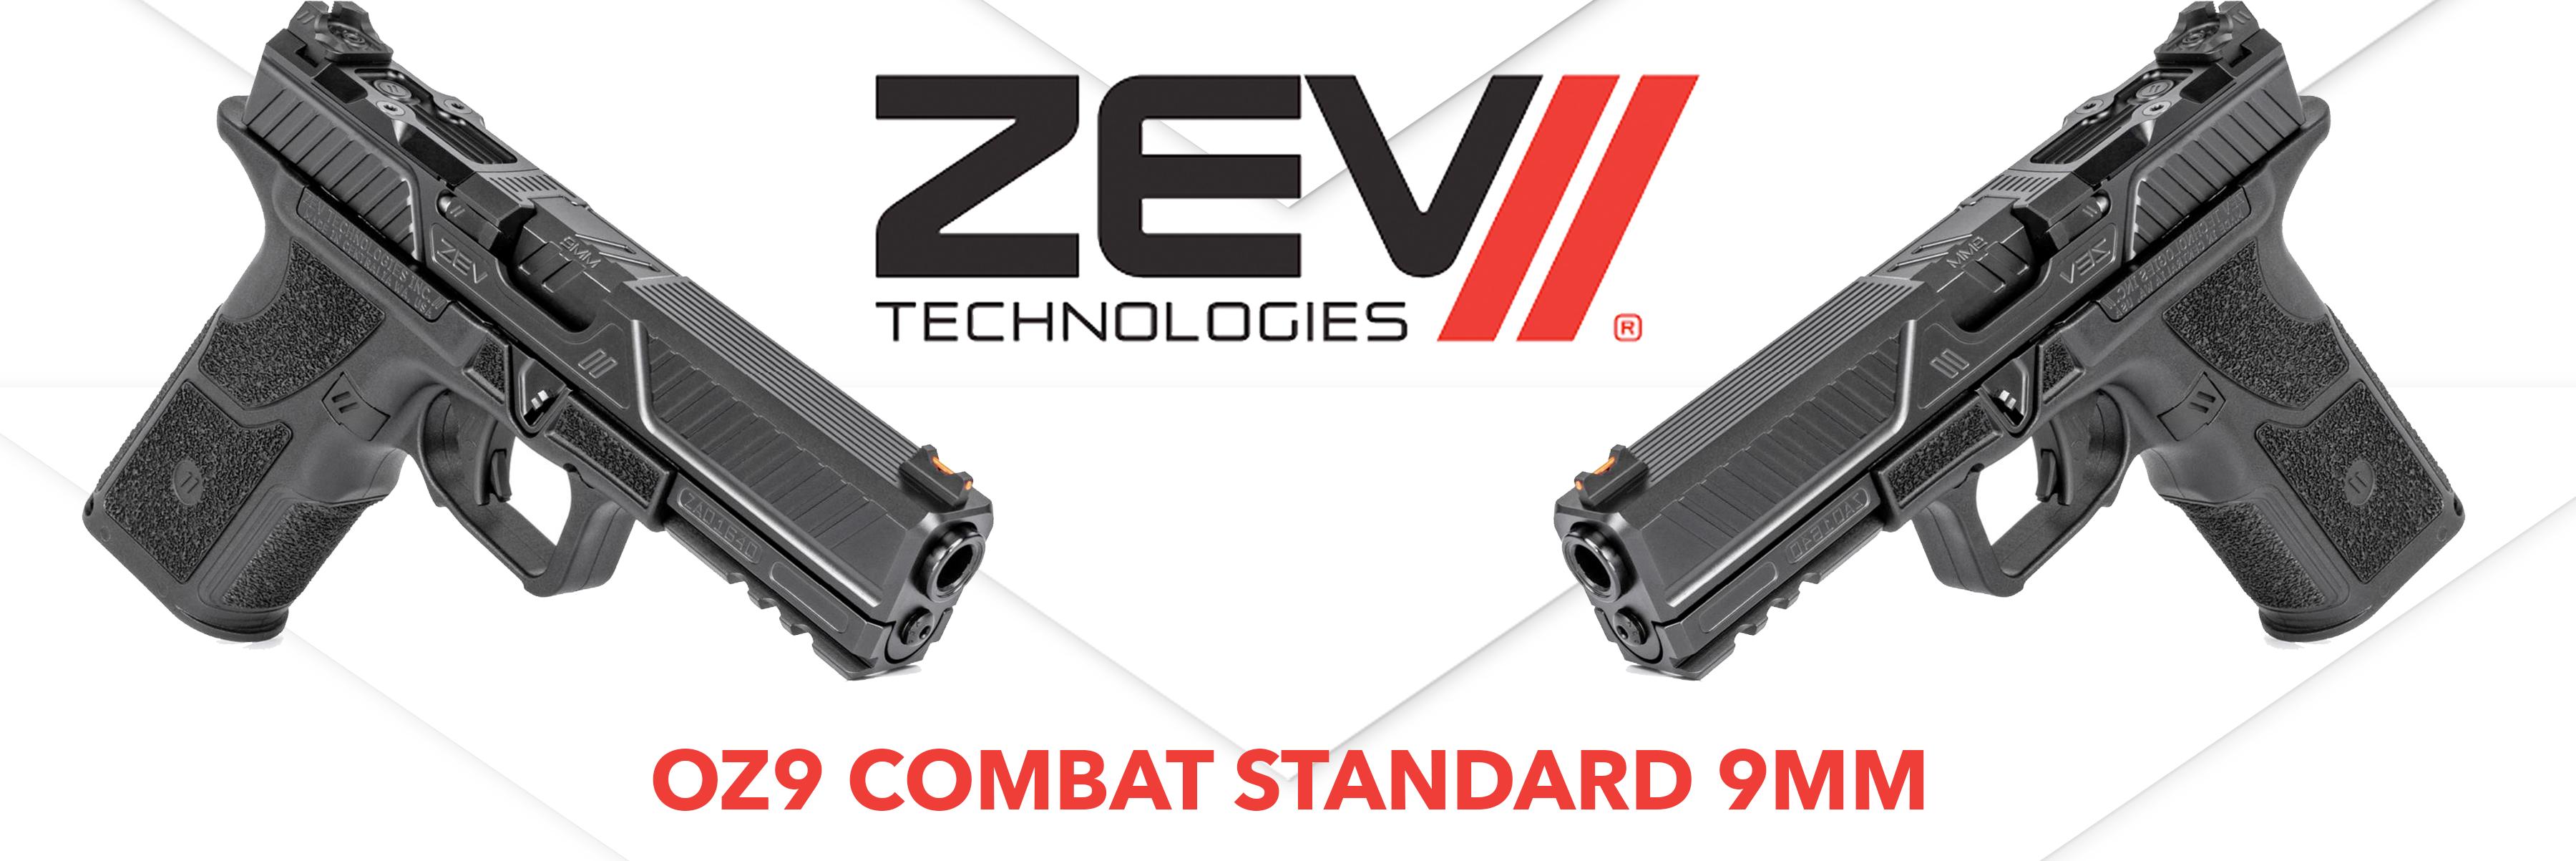 https://shop.rtsponline.com/products/zev-technologies-811338035882-101-34437-4646